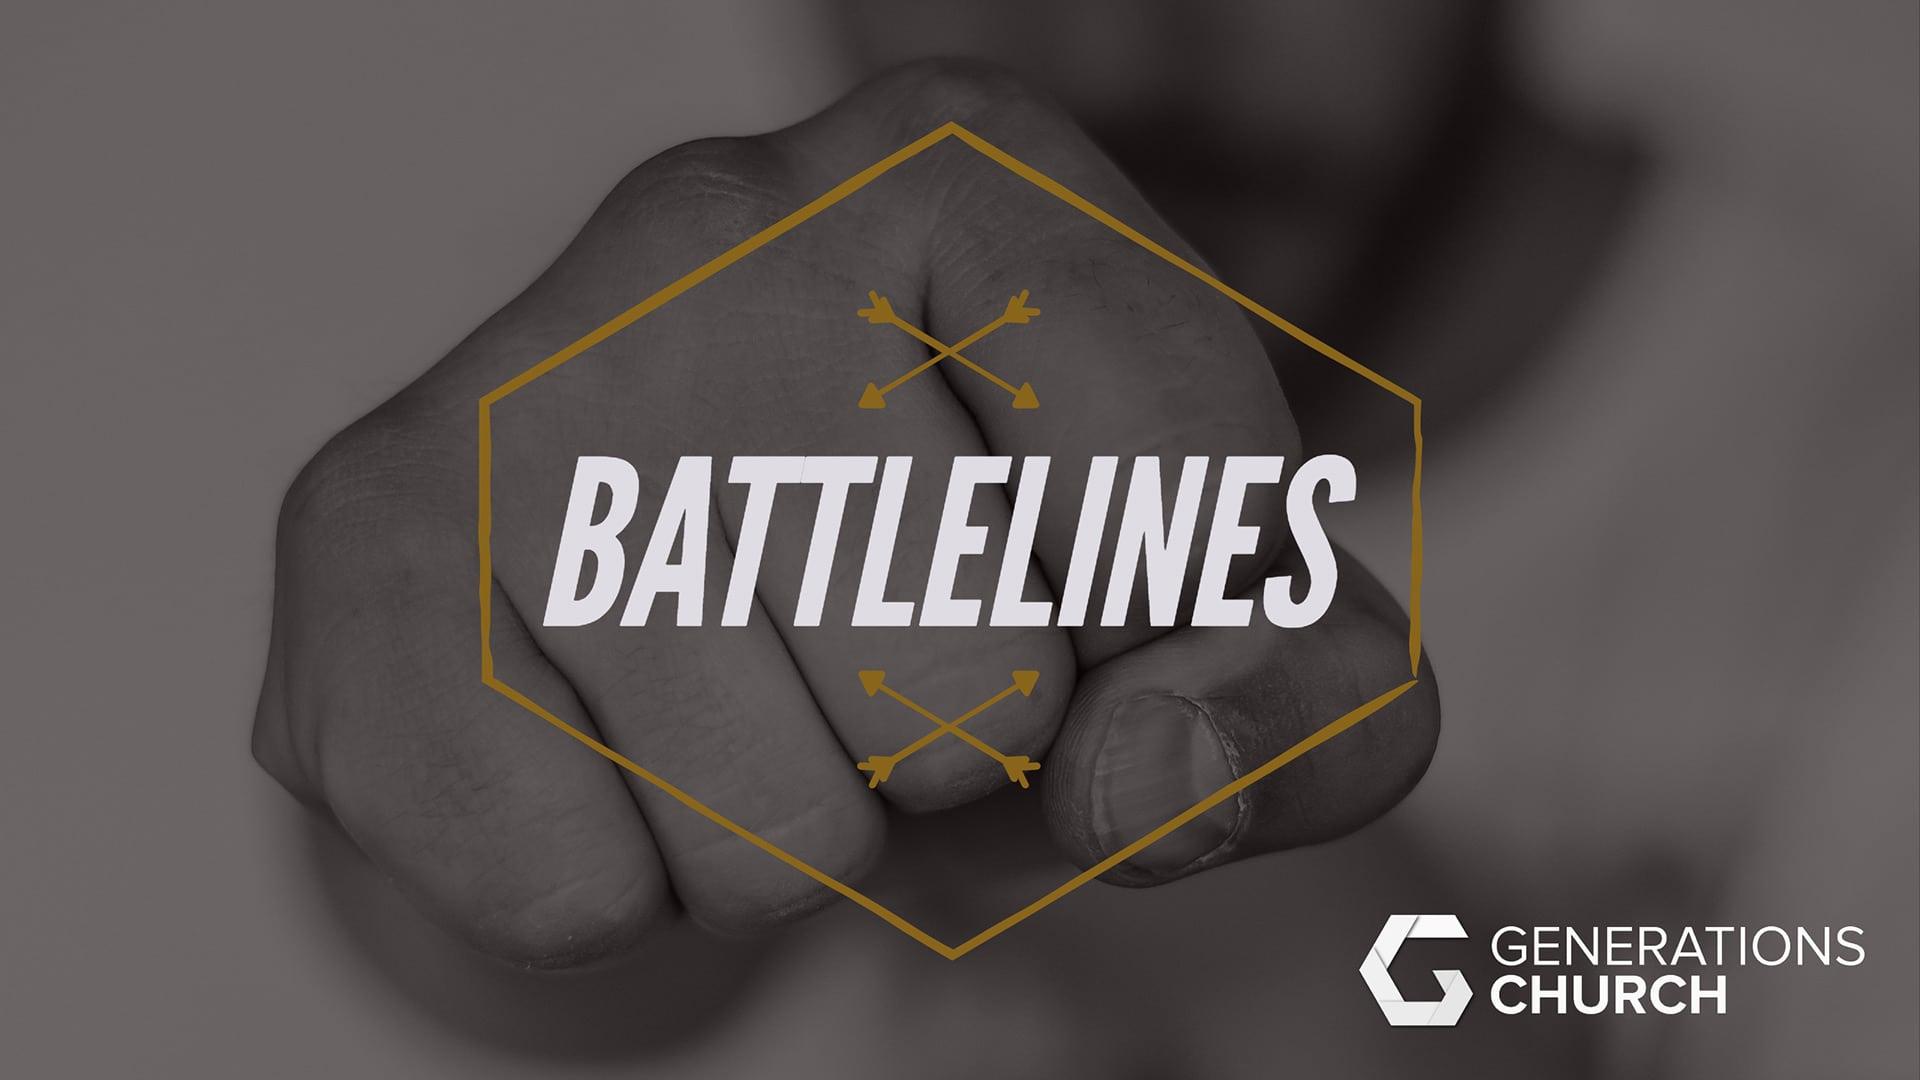 Battlelines-screen